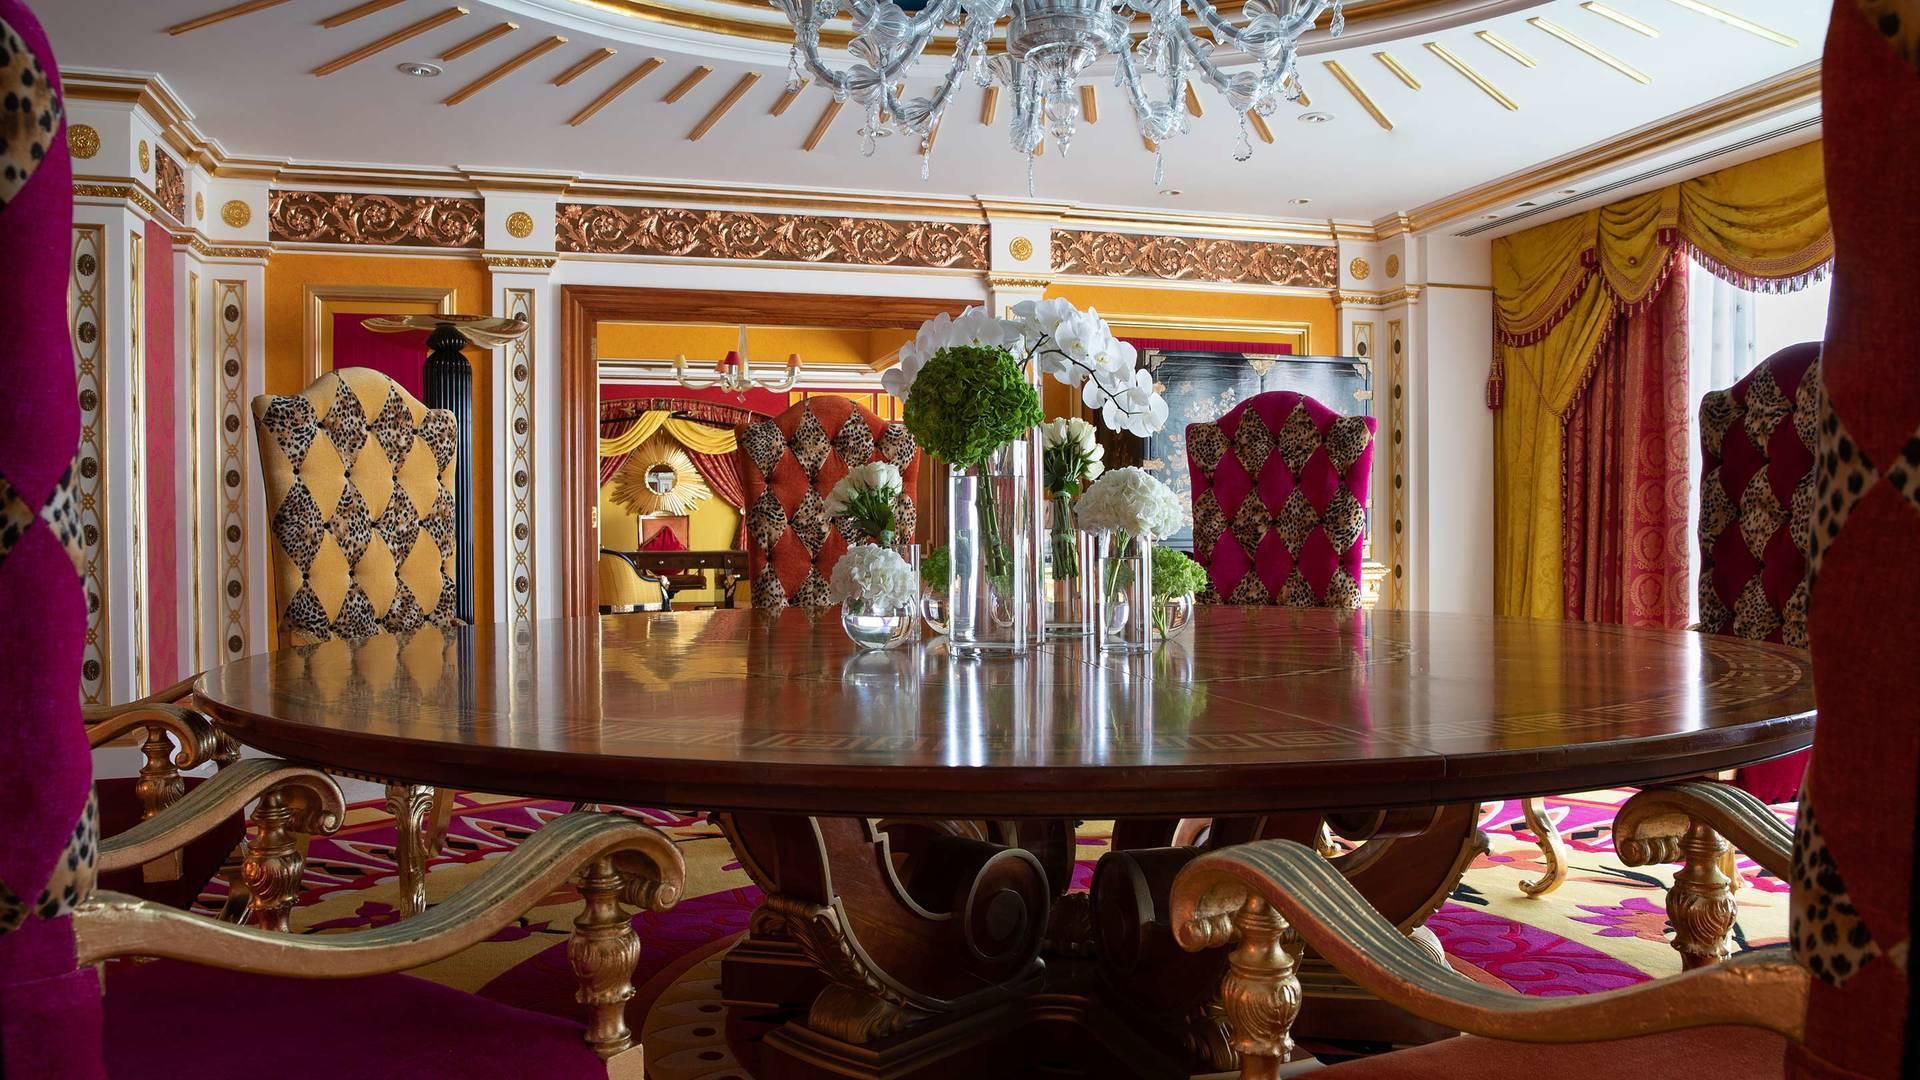 Jumeirah Burj Al Arab royal suite dining room_16-9